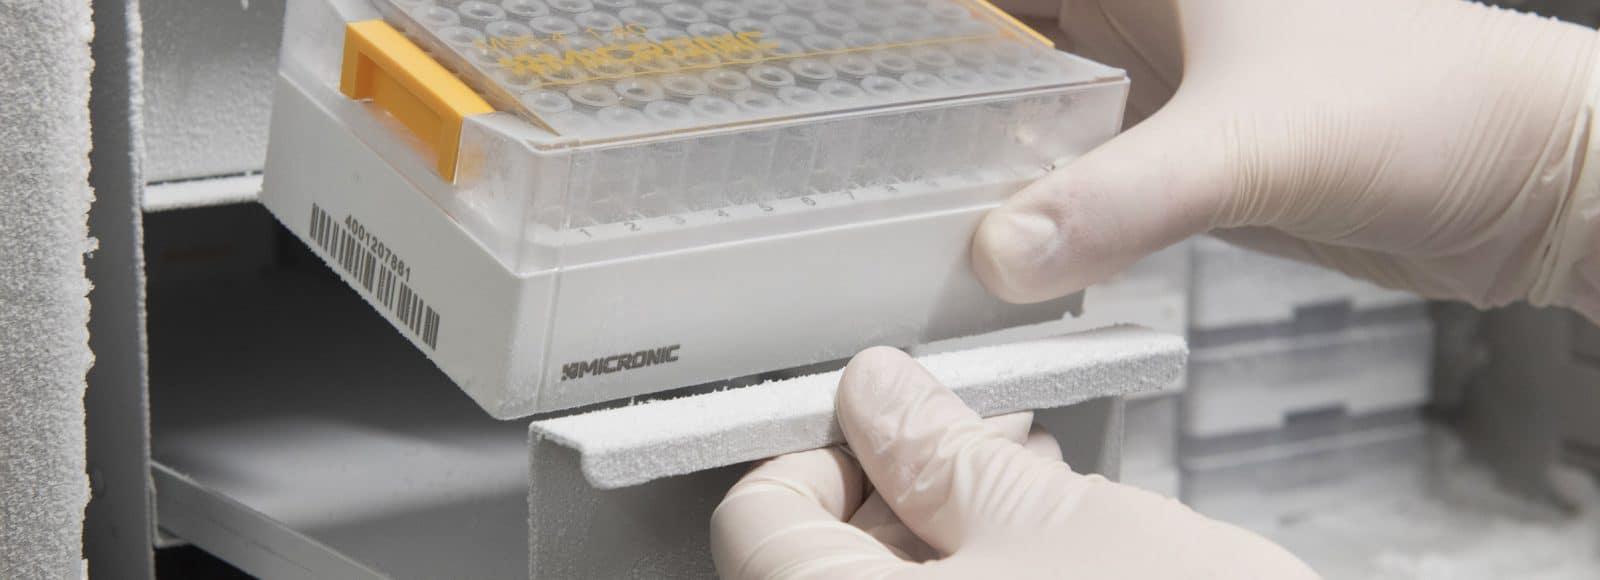 Micronic-Rack-in-Freezer